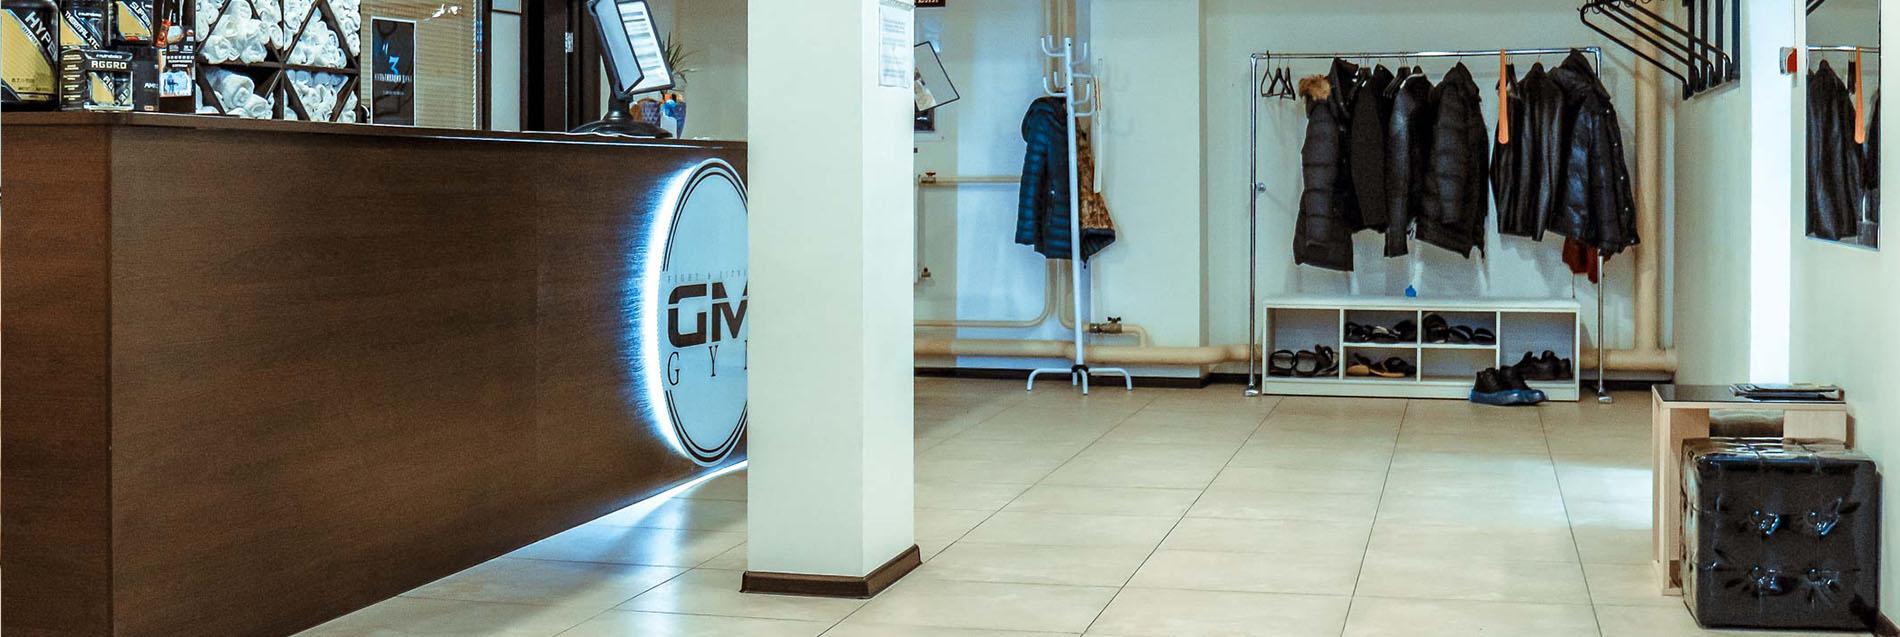 Зал борьбы и ММА ``Клуб Единоборств GM GYM``